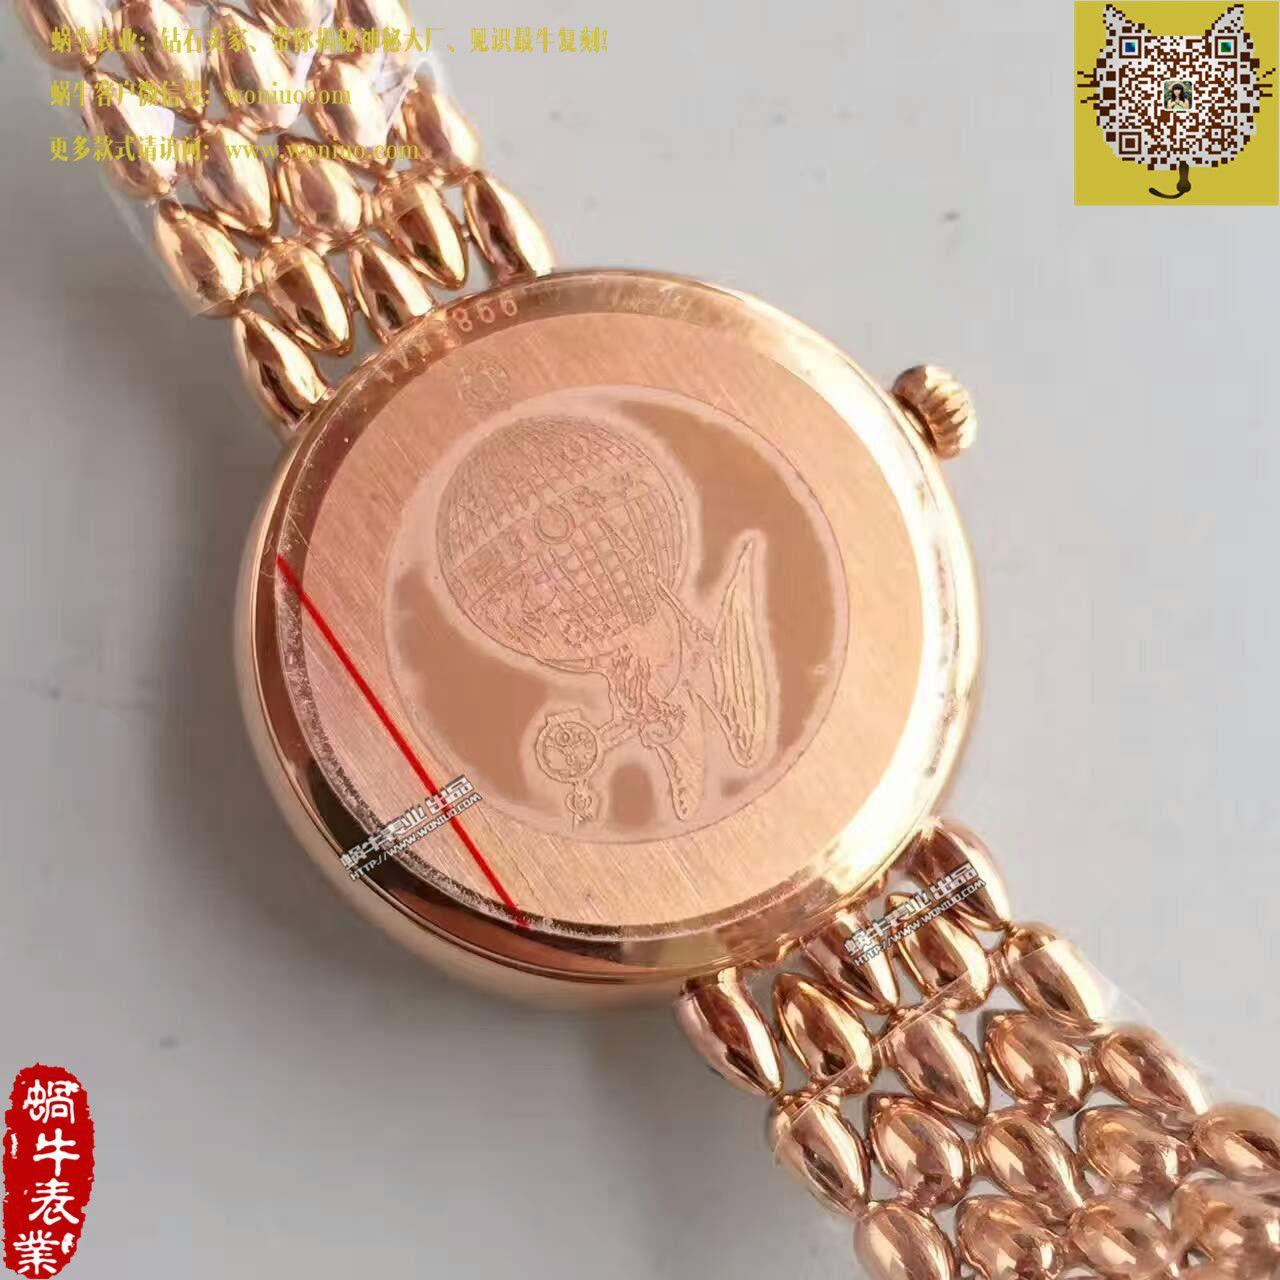 【一比一超A高仿手表】欧米茄碟飞系列424.55.33.20.55.006女士石英腕表 / M283